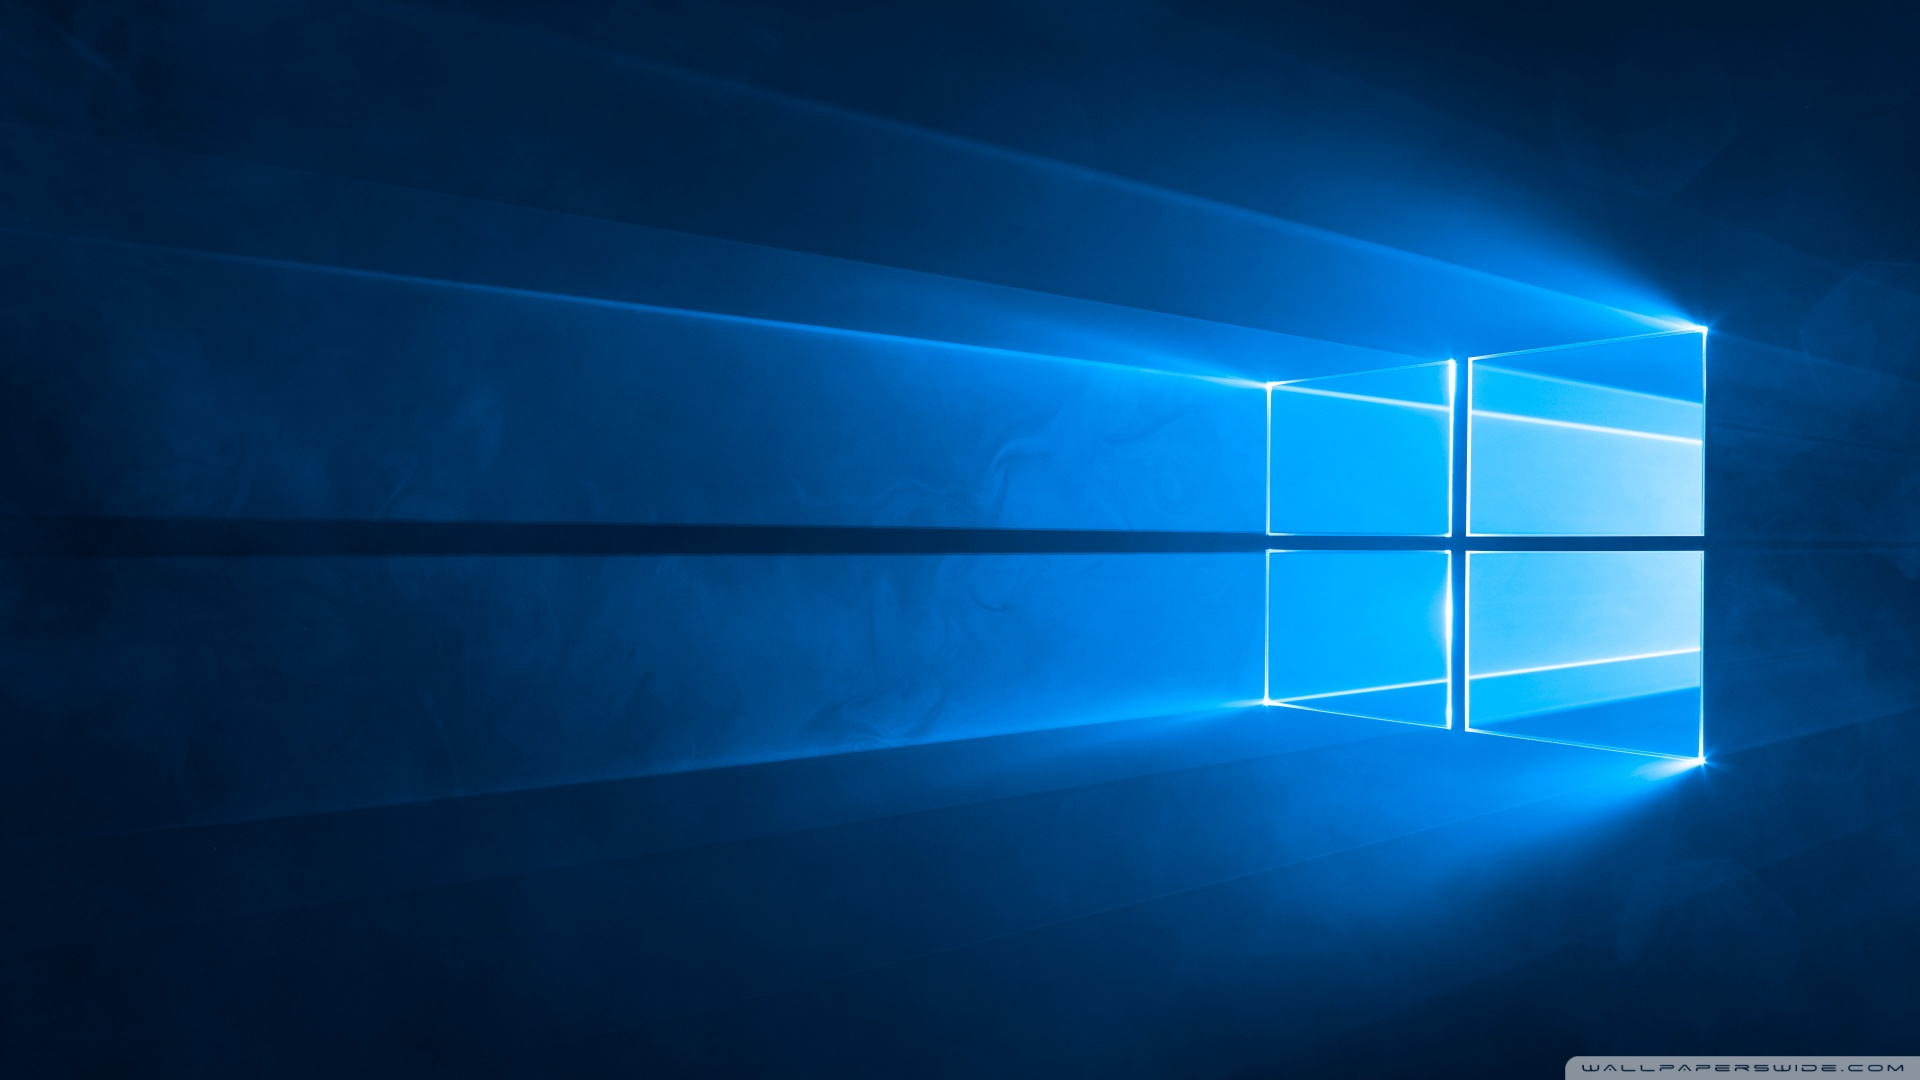 3096364_windows_10_hero_4k-wallpaper-1920x1080.jpg